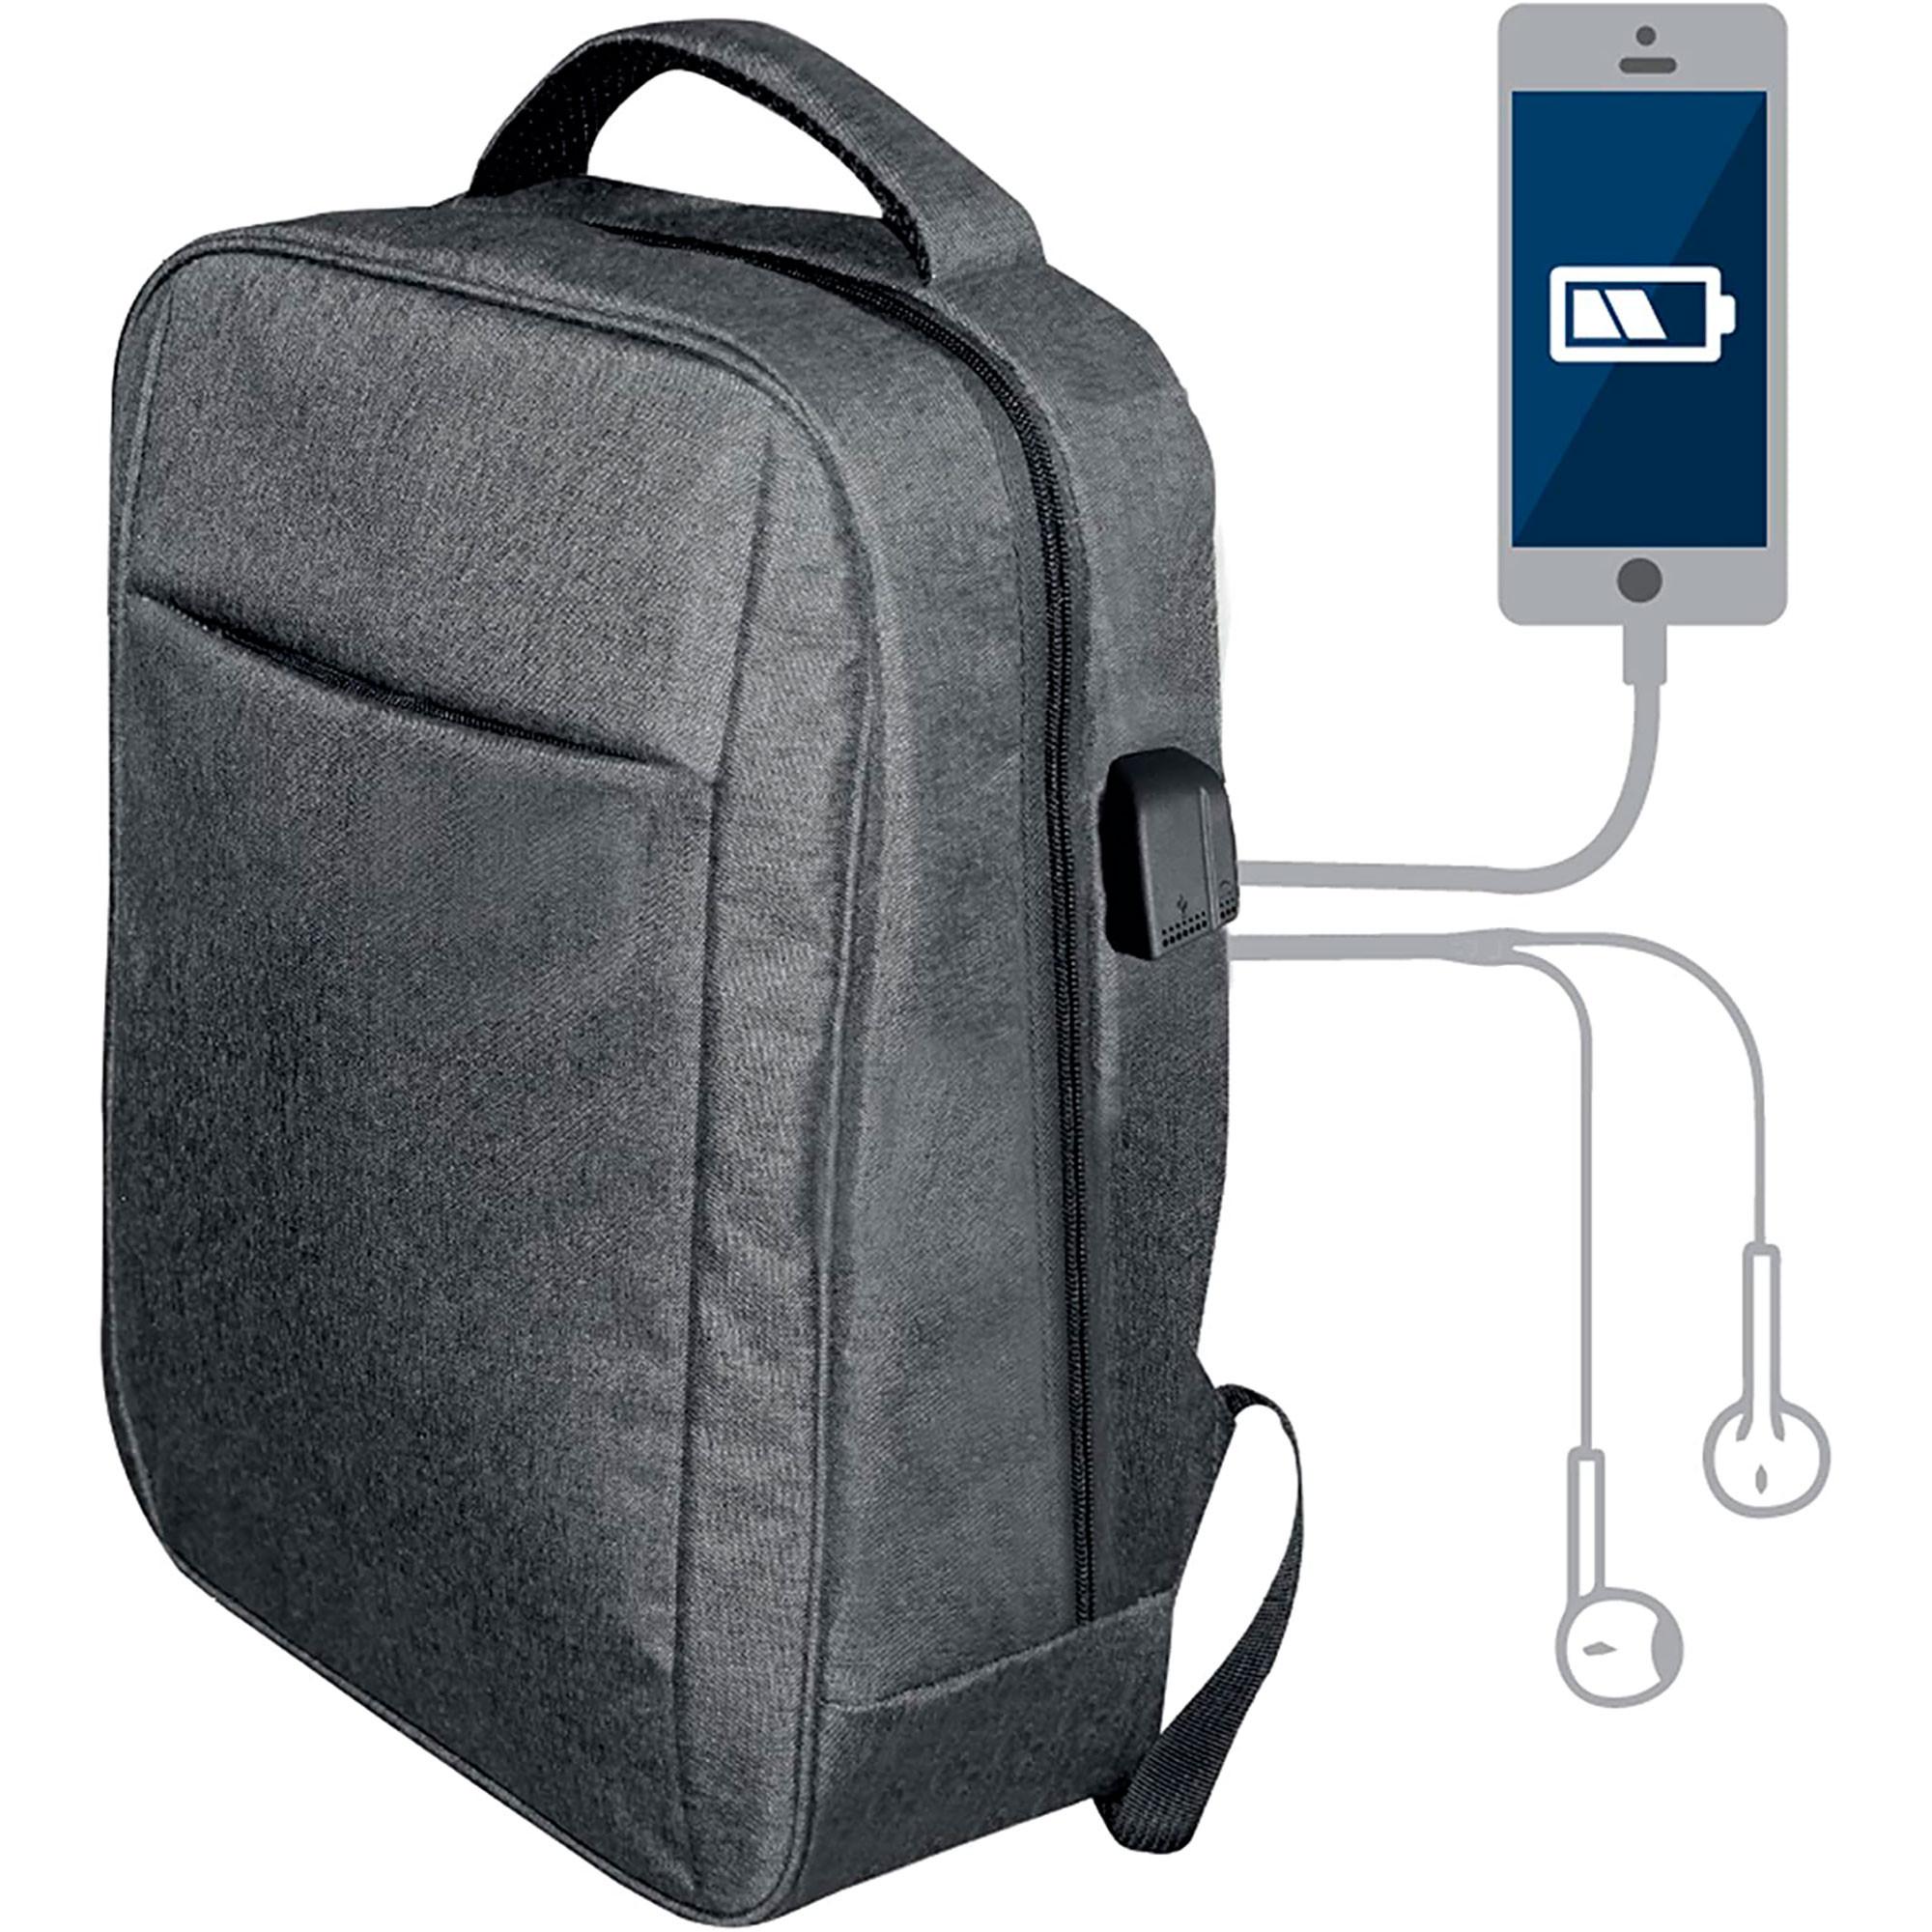 Blaupunkt BLP0280.143 Mochila con Cargador USB, Toma de auriculares, Cómoda, Resistente, Gris